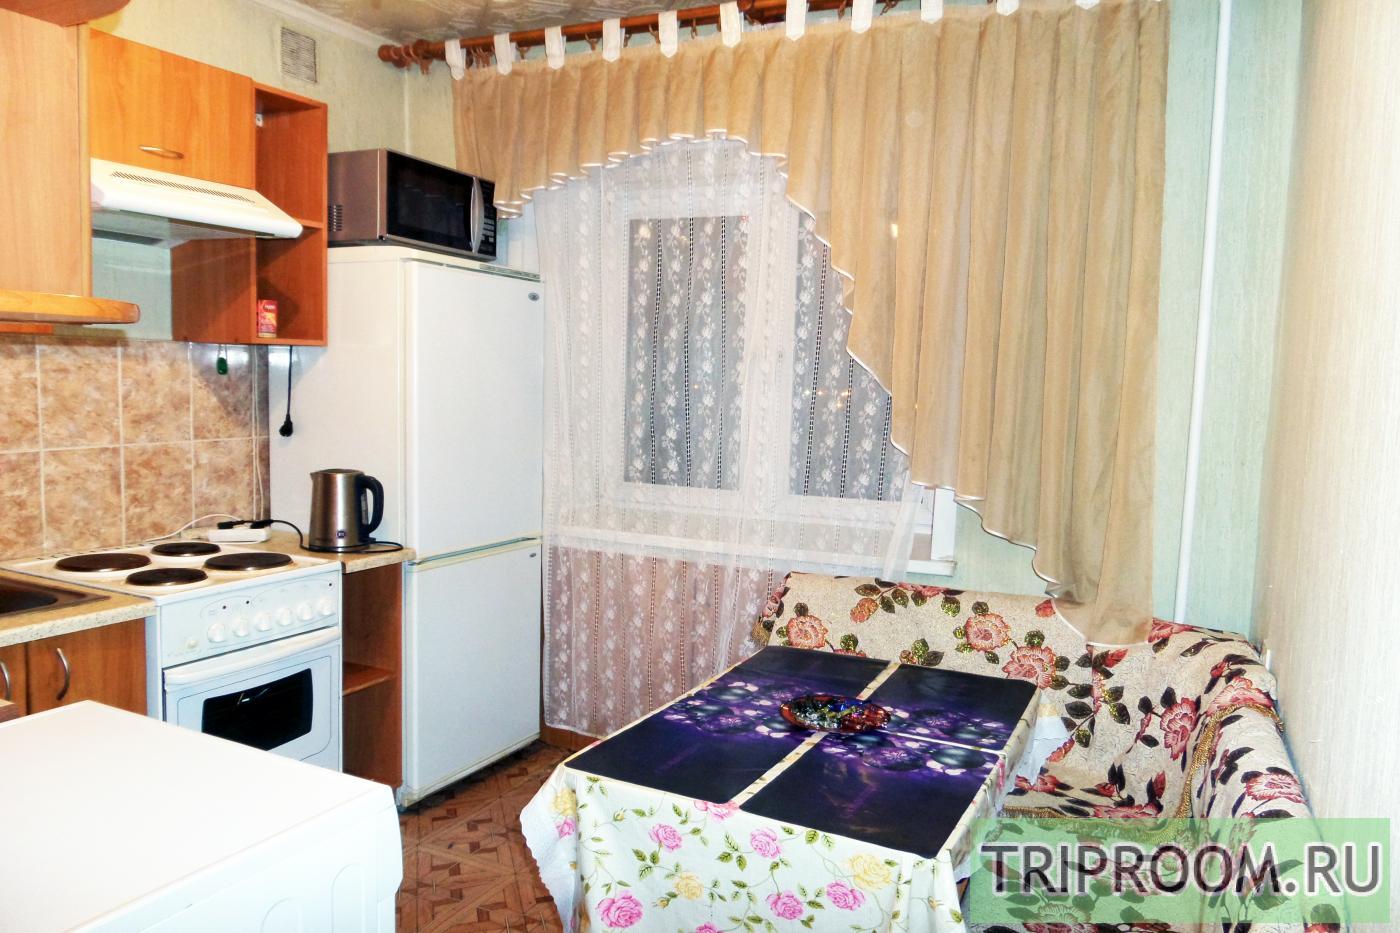 1-комнатная квартира посуточно (вариант № 14581), ул. Красной Армии улица, фото № 2